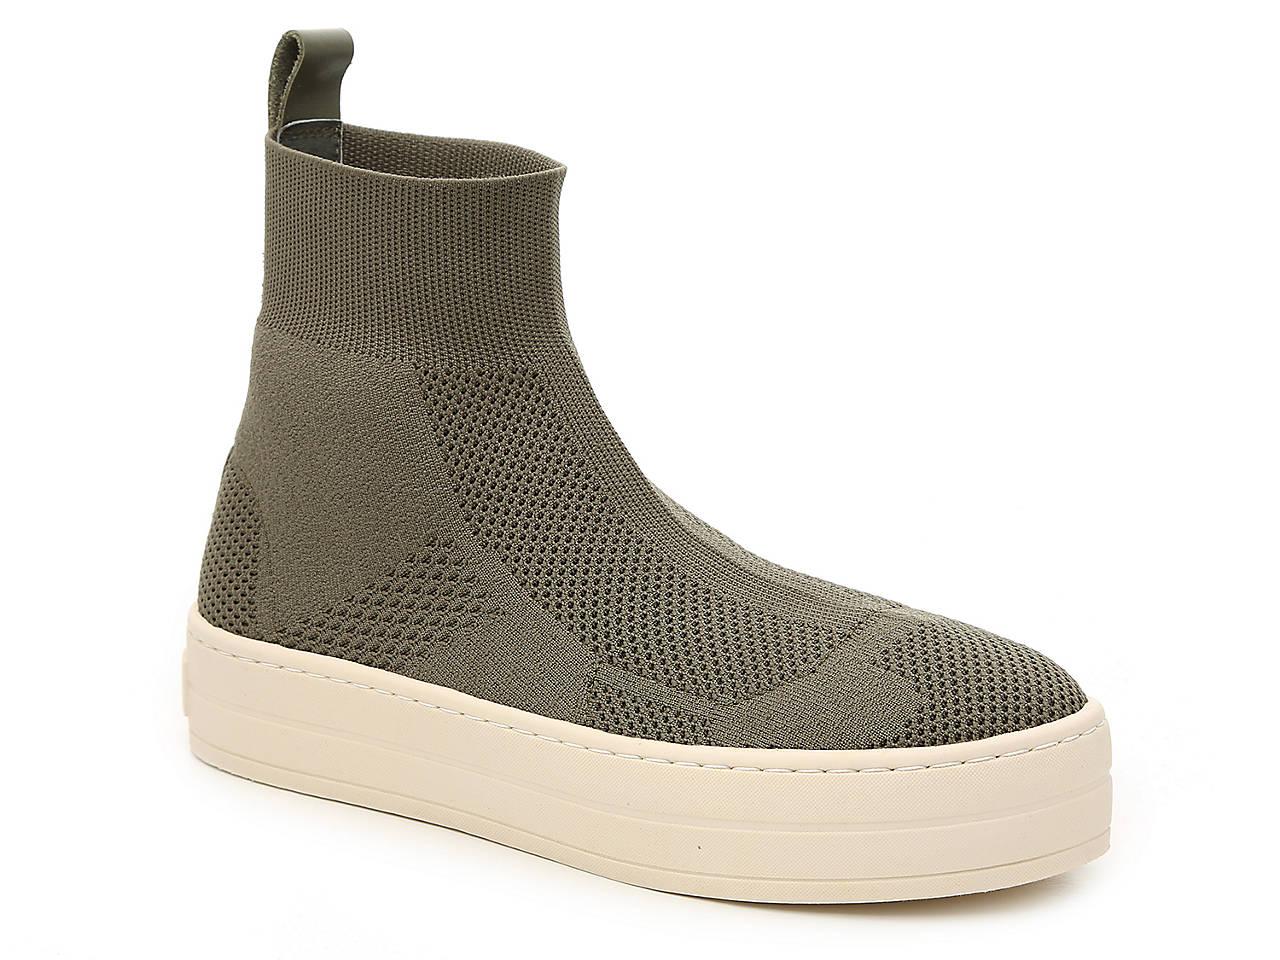 26b15f810 J Slides Heroe Platform High-Top Sneaker Women's Shoes   DSW